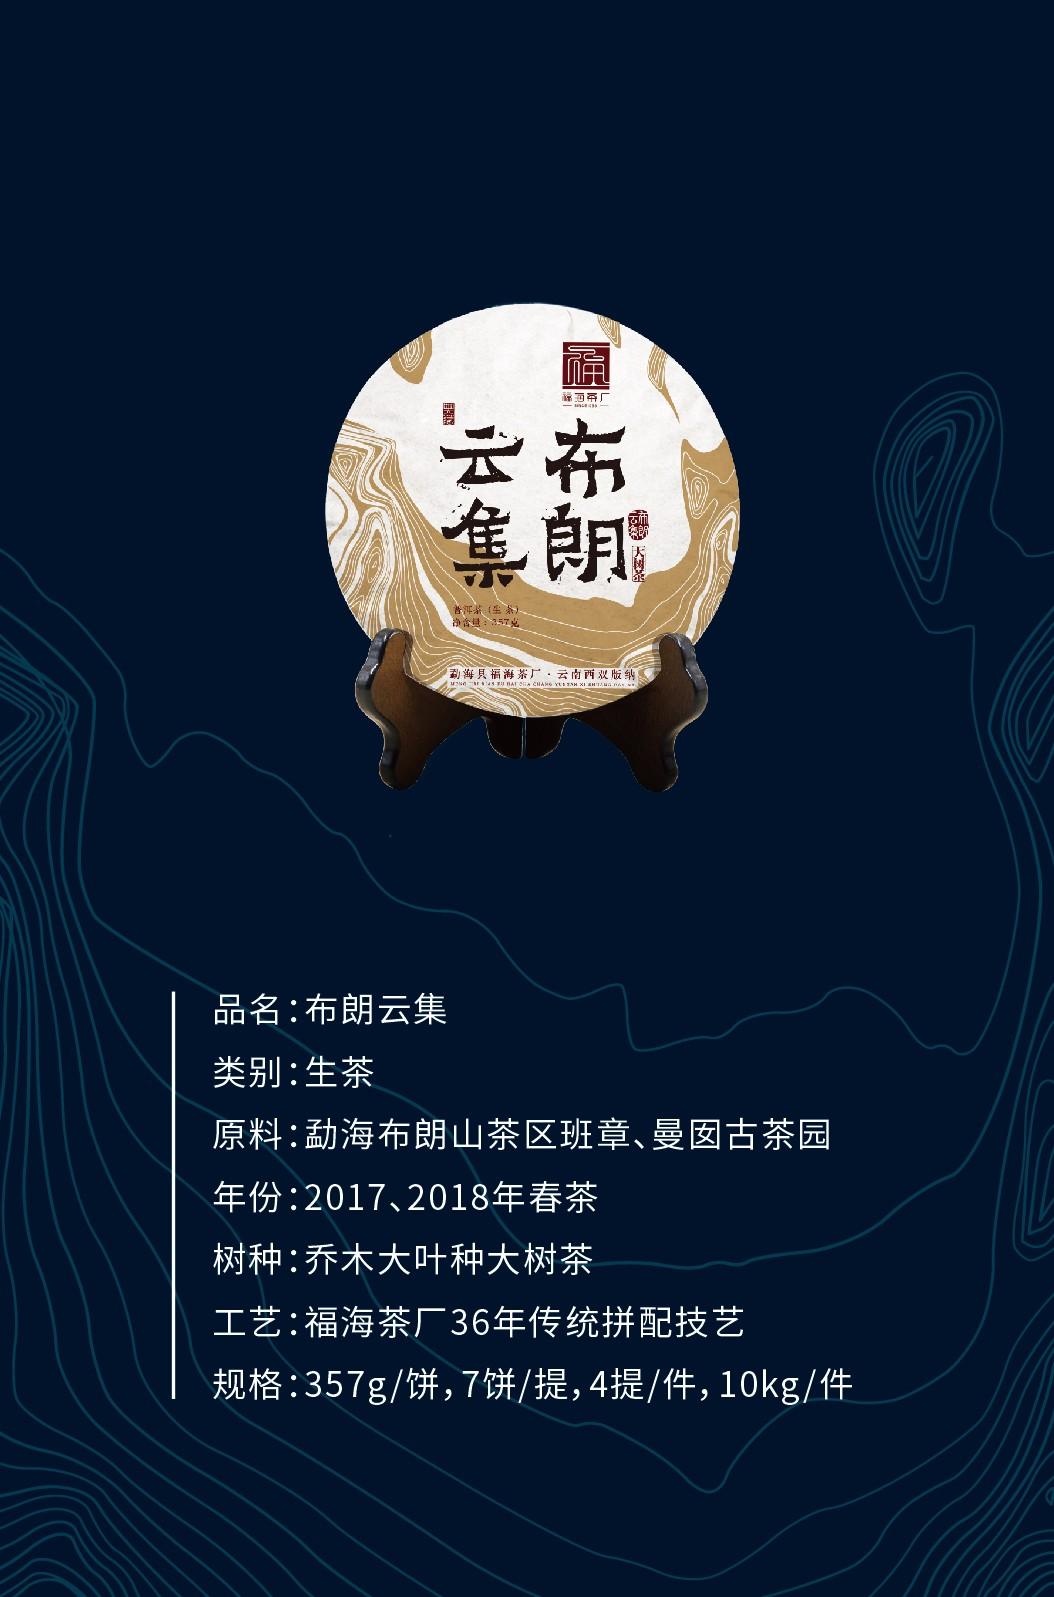 福海勐海县福海茶厂_布朗云集 - 勐海县福海茶厂官方网站